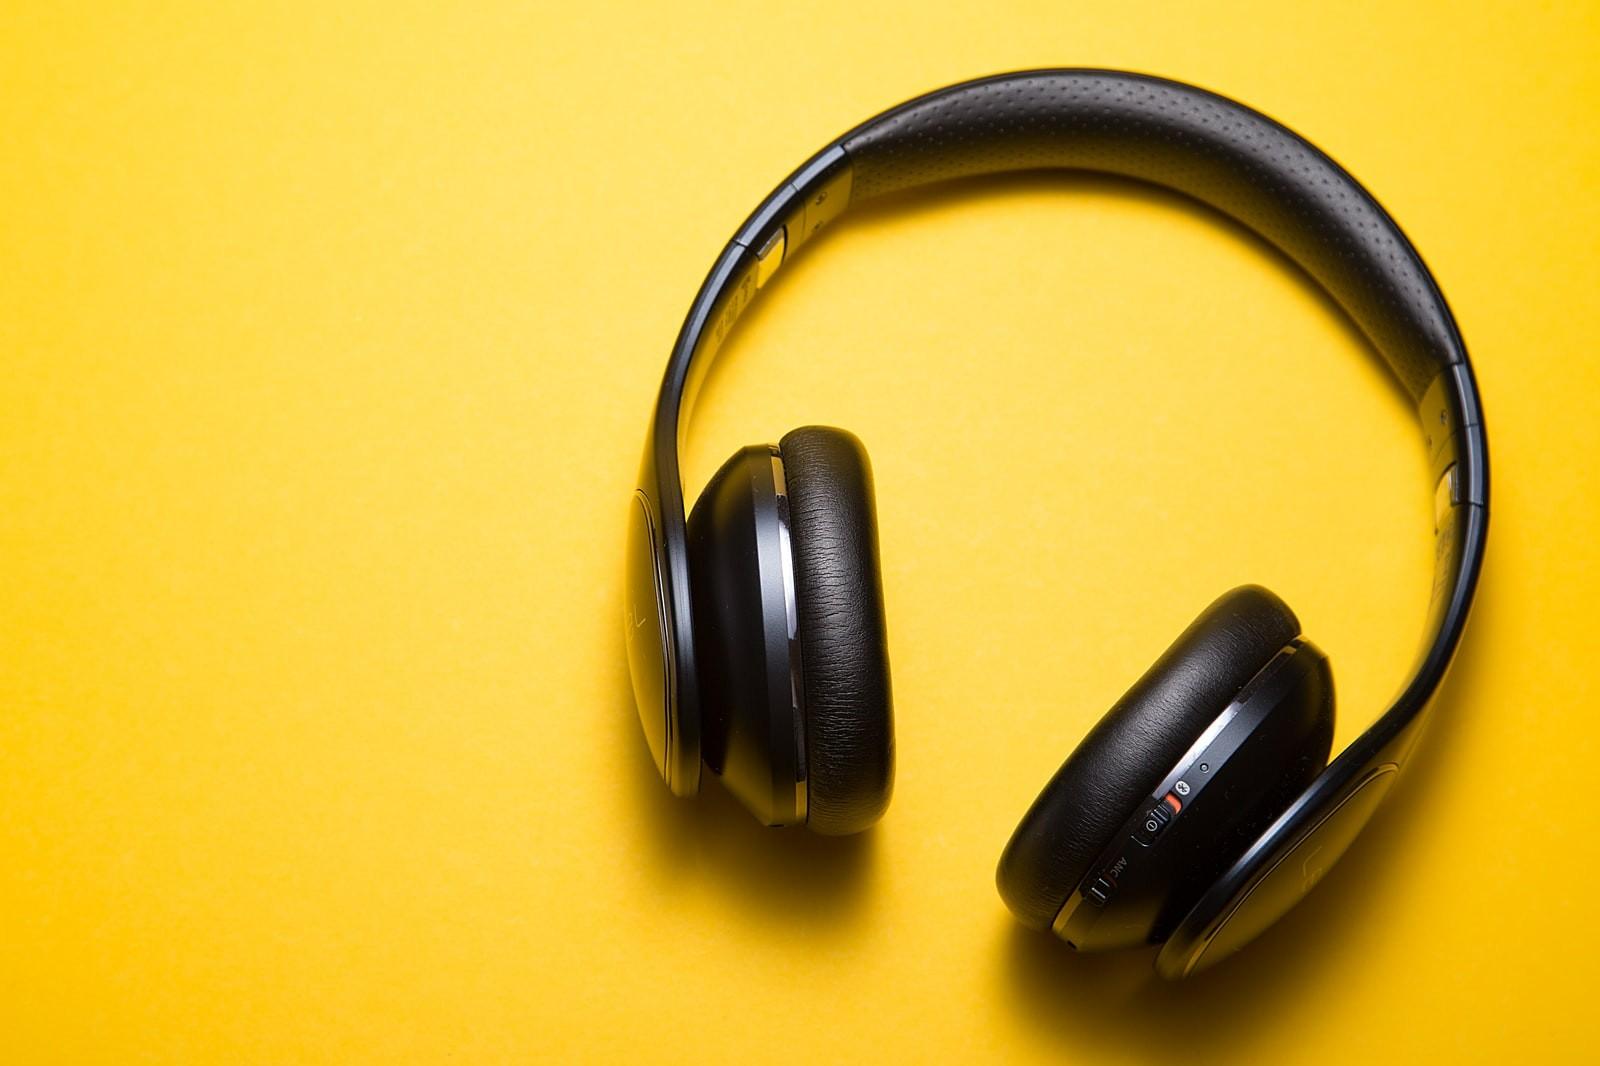 lärmschutz kopfhörer büro